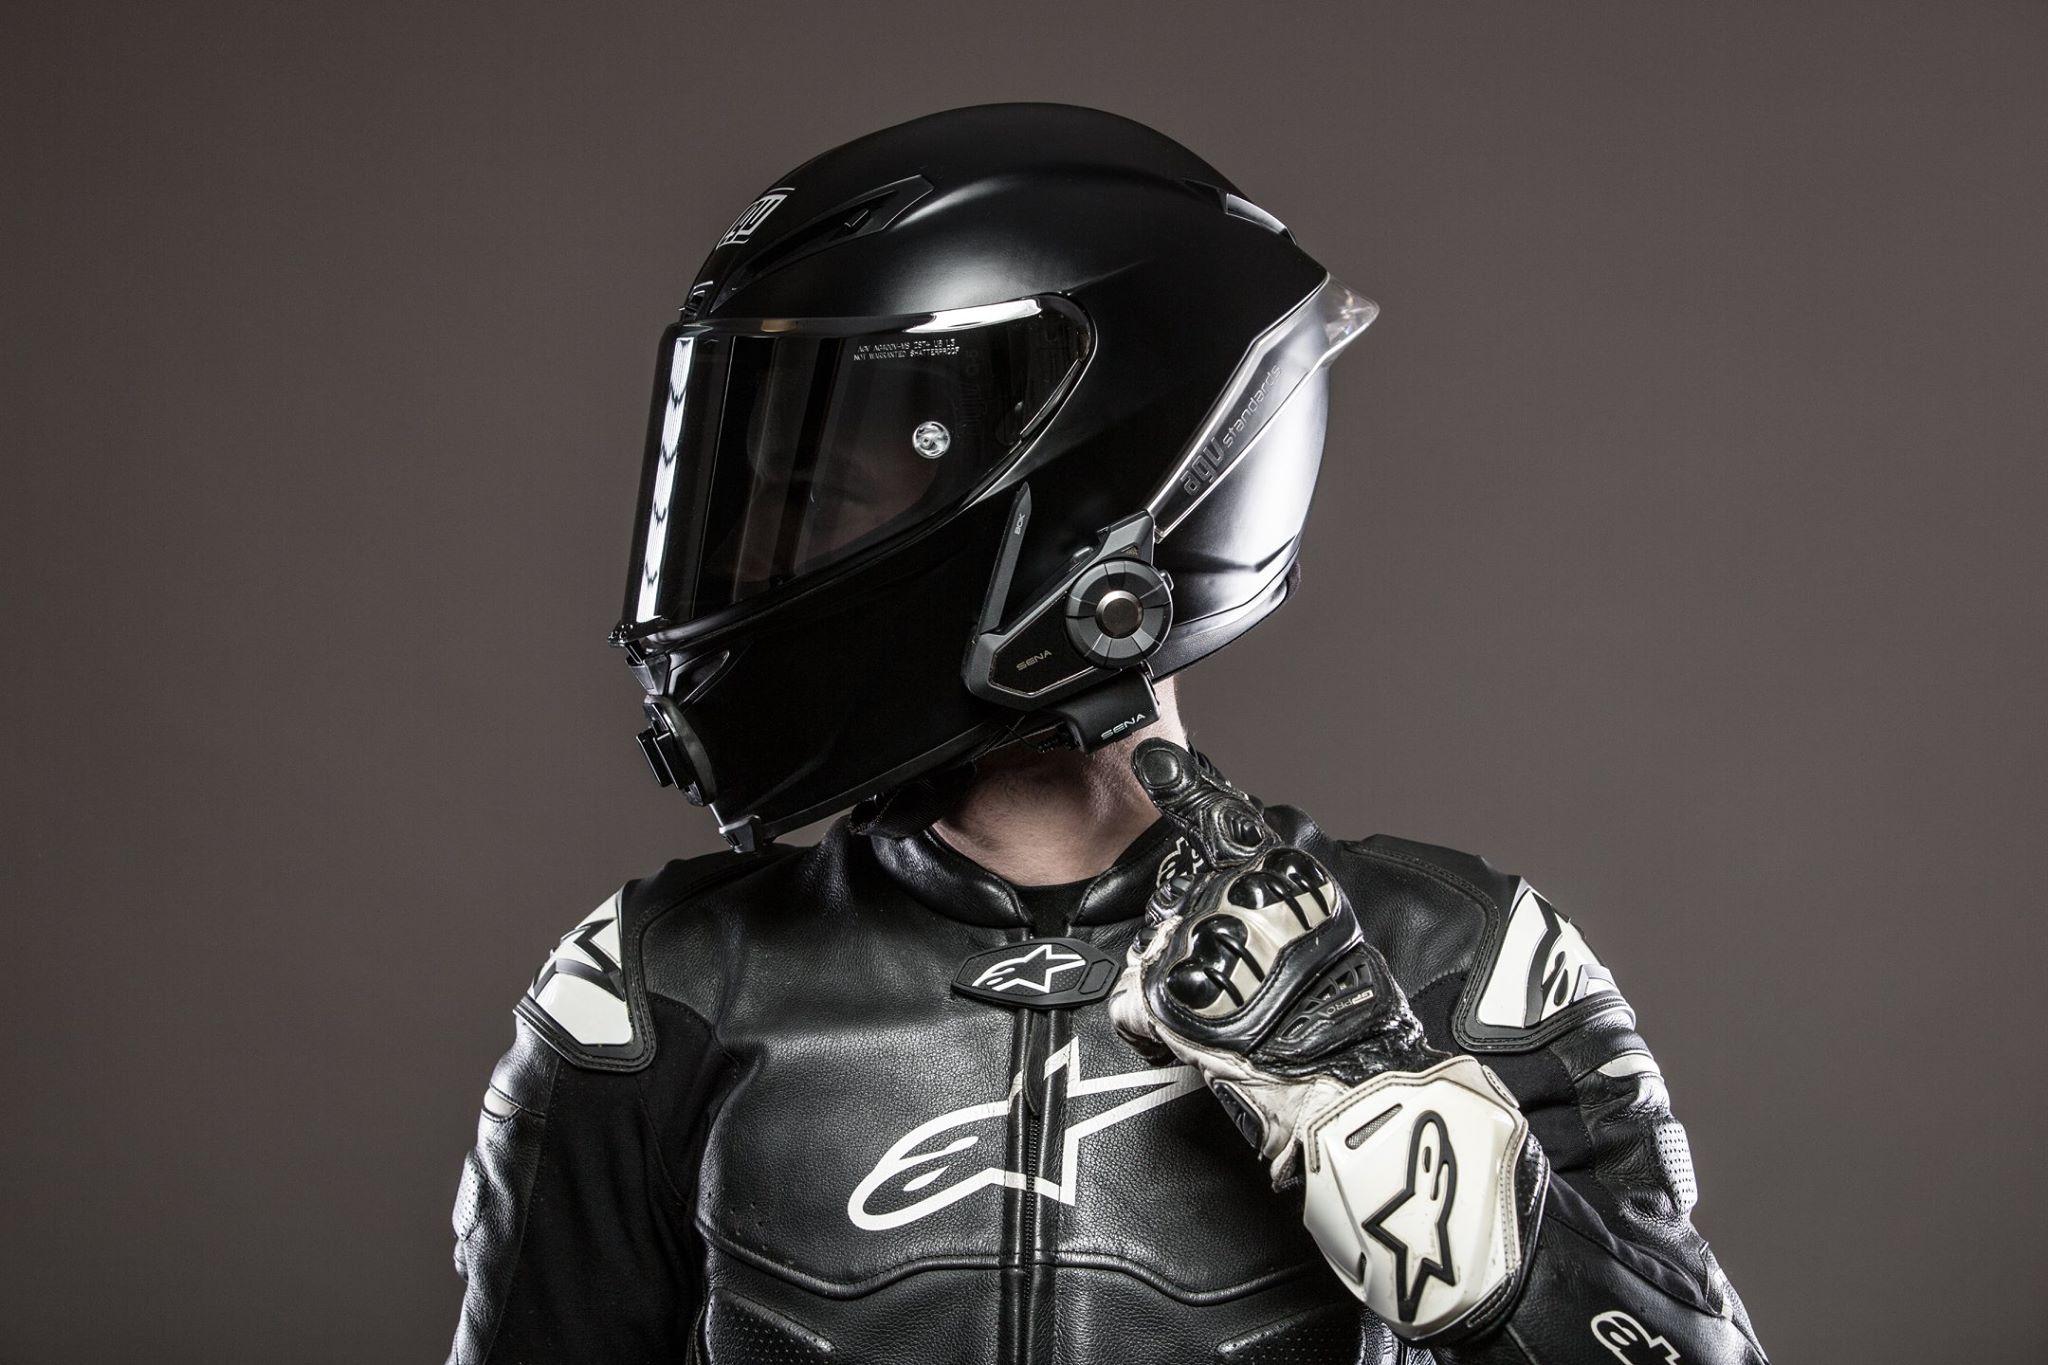 Portée de l'intercom moto